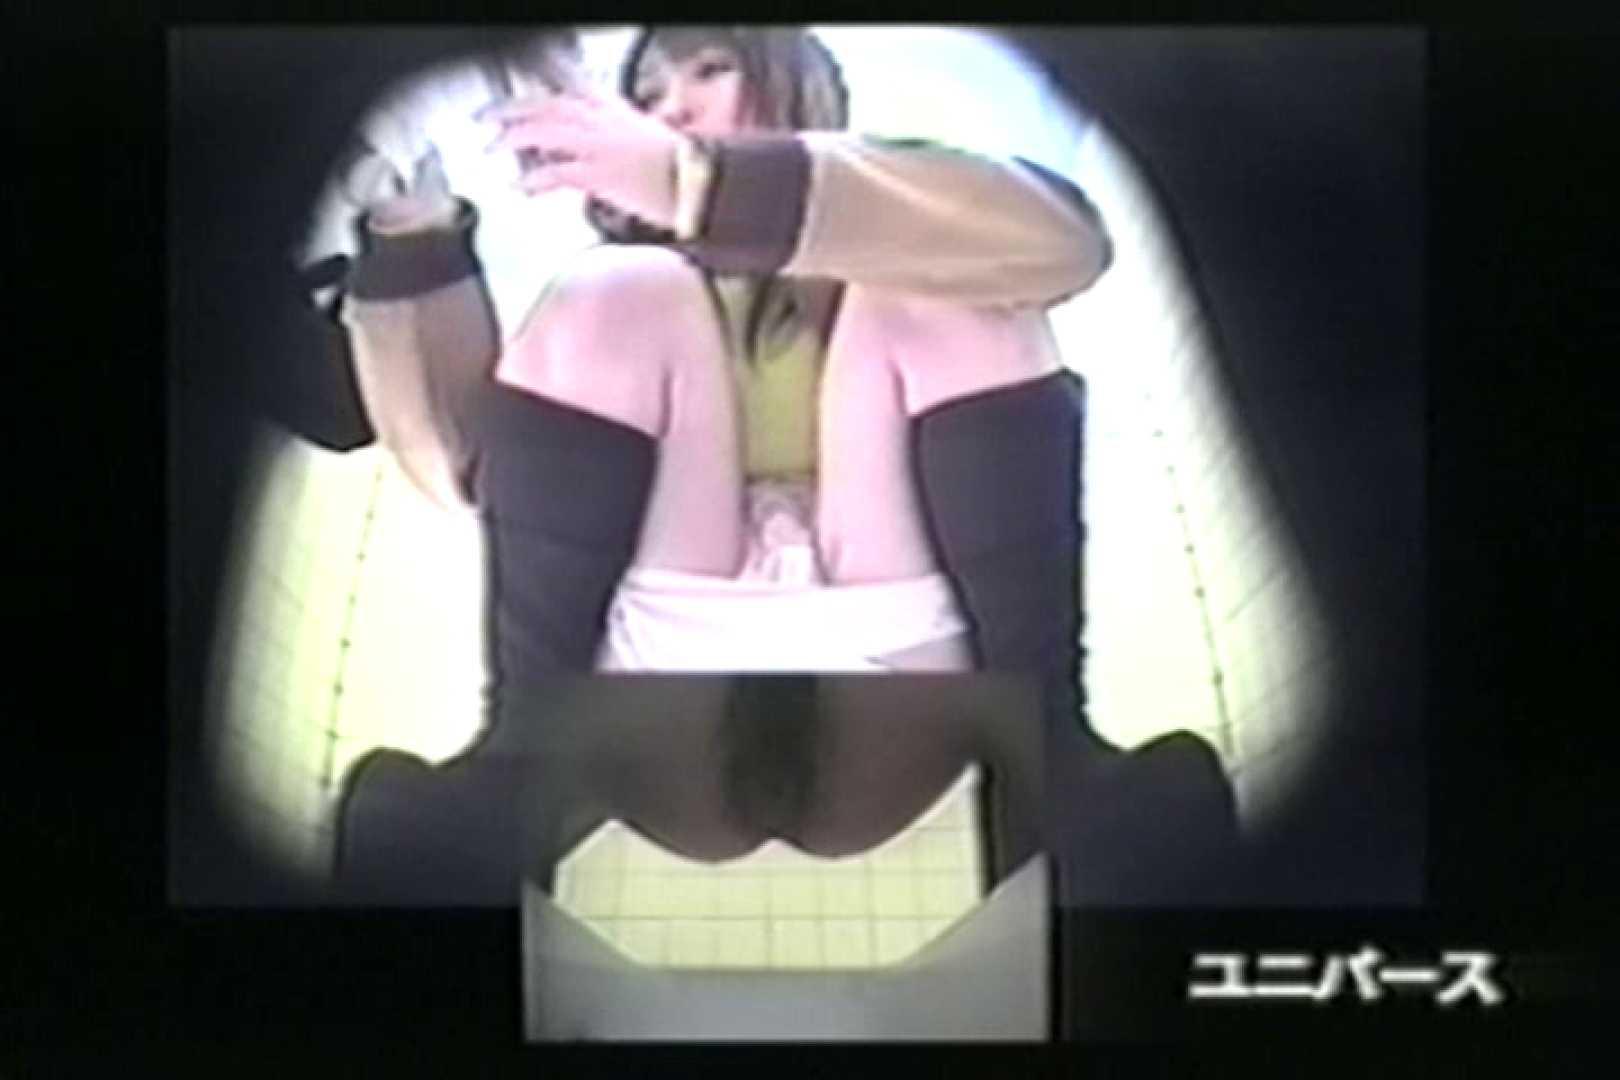 下半身シースルー洗面所Vol.3 洗面所突入 性交動画流出 106pic 74